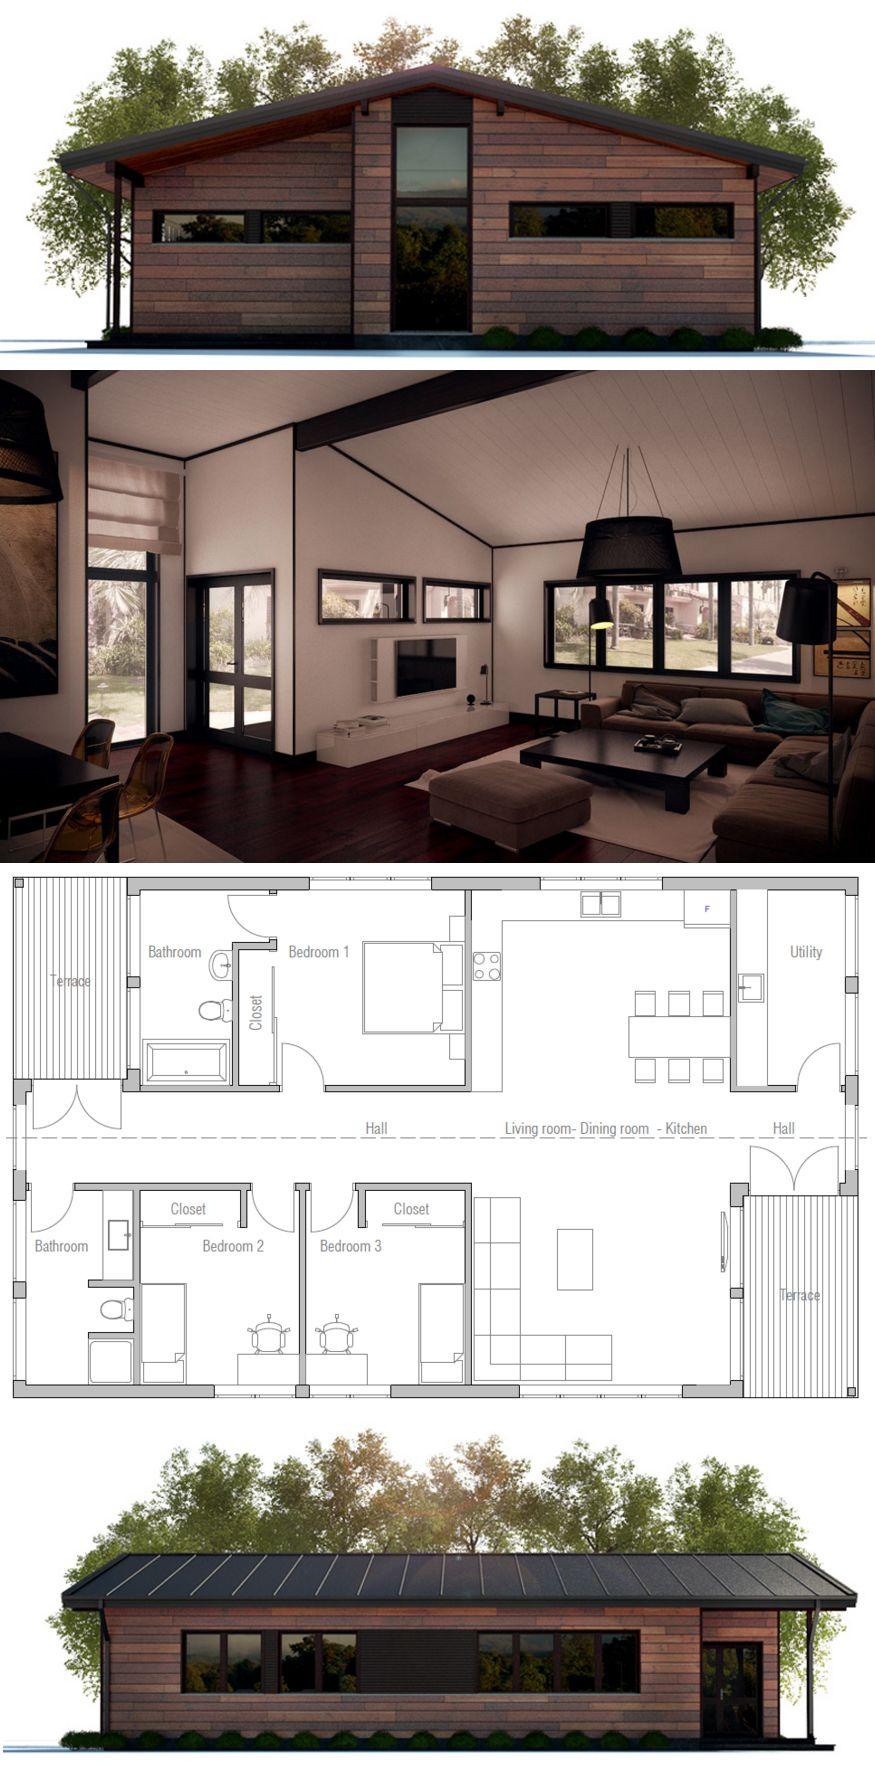 Grundrisse, Kühlen Häusern, Moderne Häuser, Kleine Häuser, Kühlen  Hauspläne, Kleine Haushaltspläne, Architektur Design, Grundrisse, Baum Forts